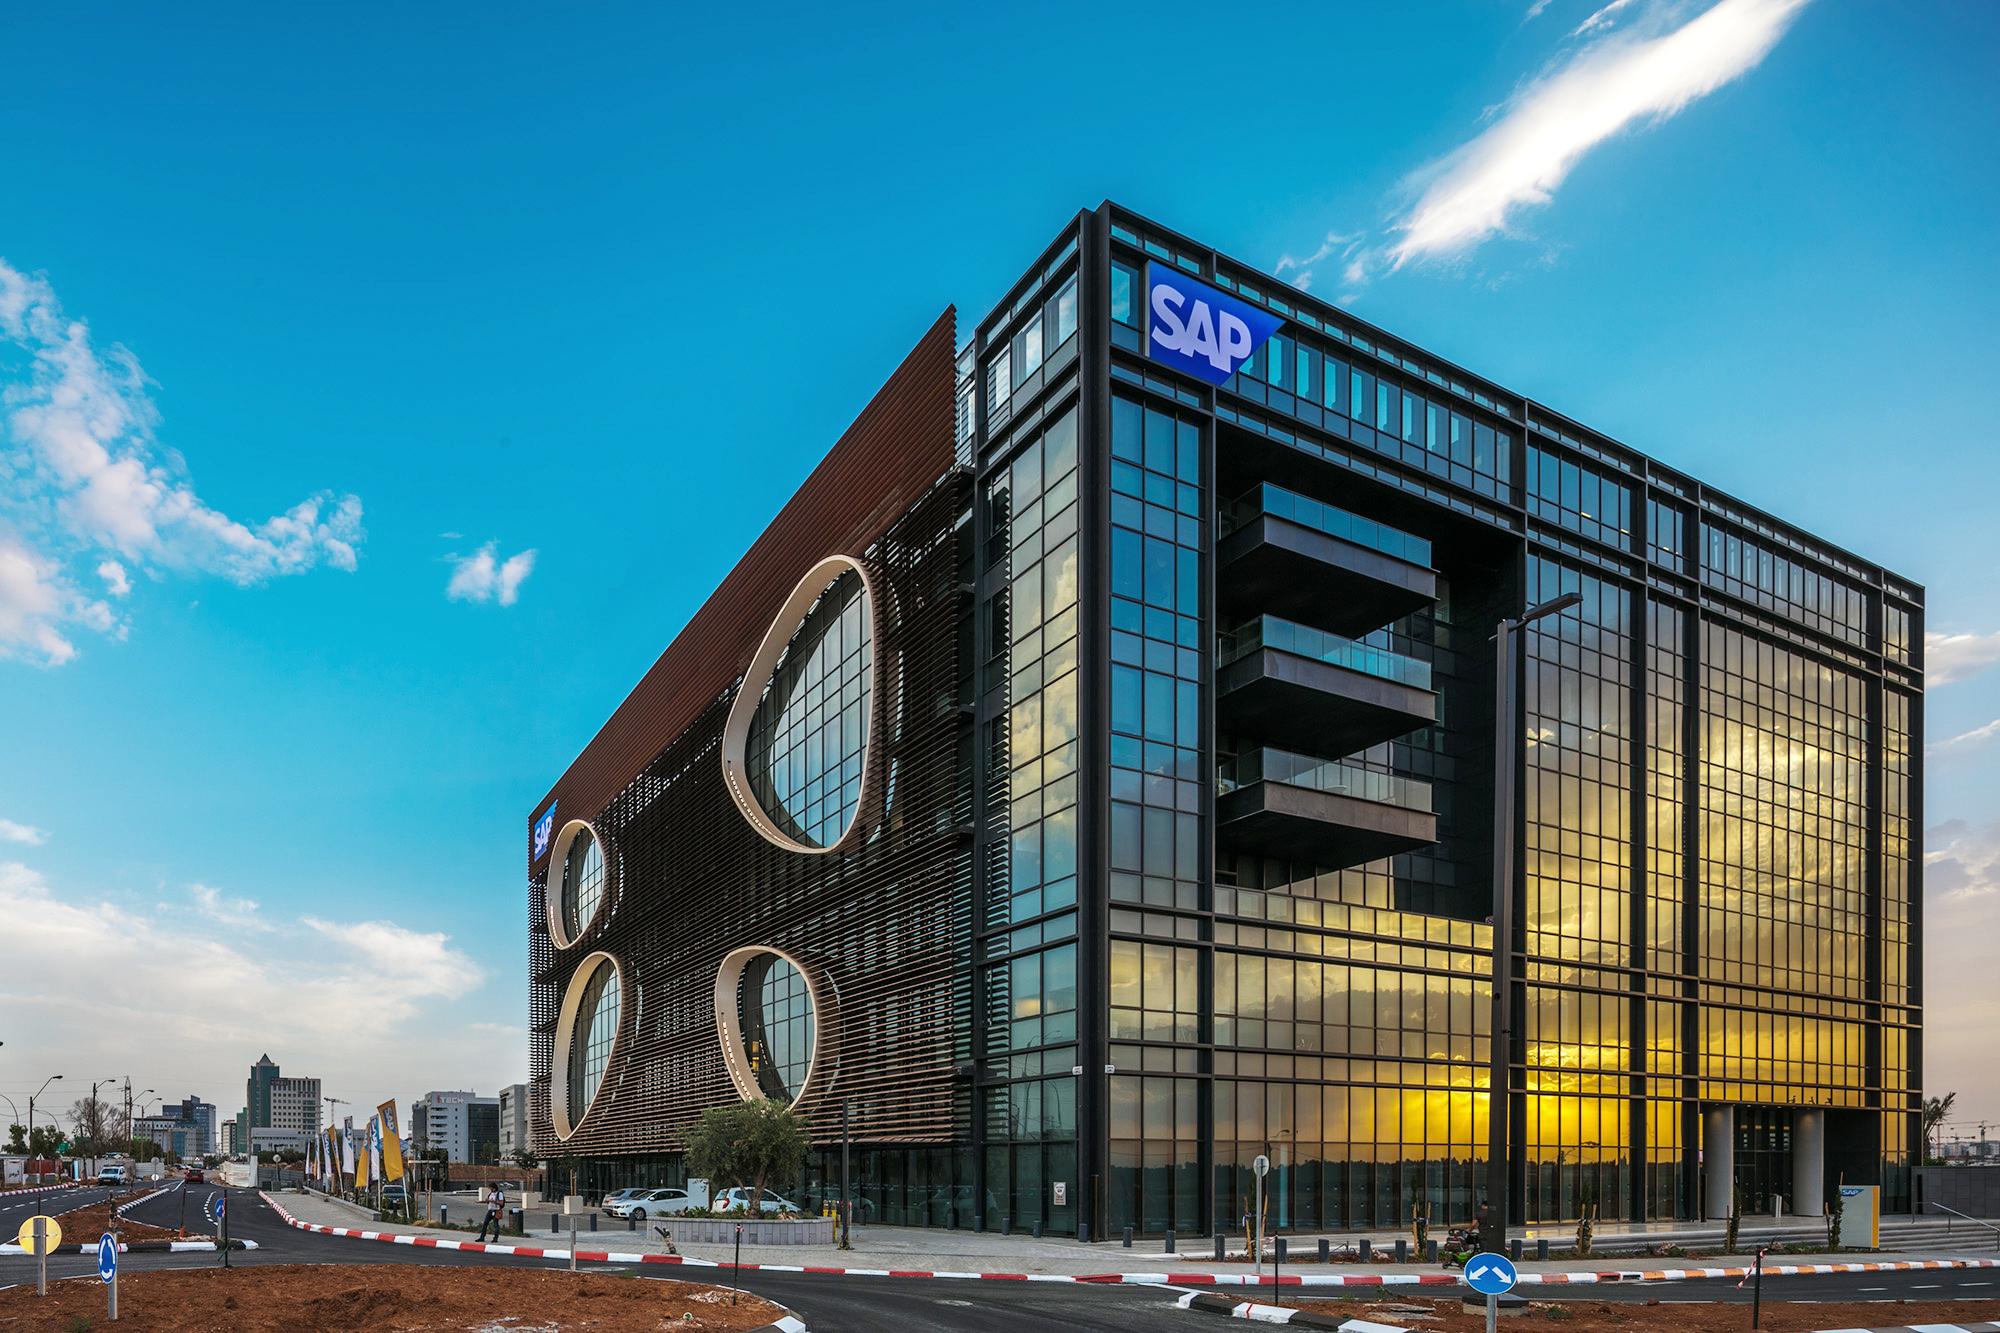 Sap Headquarters Yashar Architects Amazing SAP Headquarters Yashar Architects ArchDaily 503 1